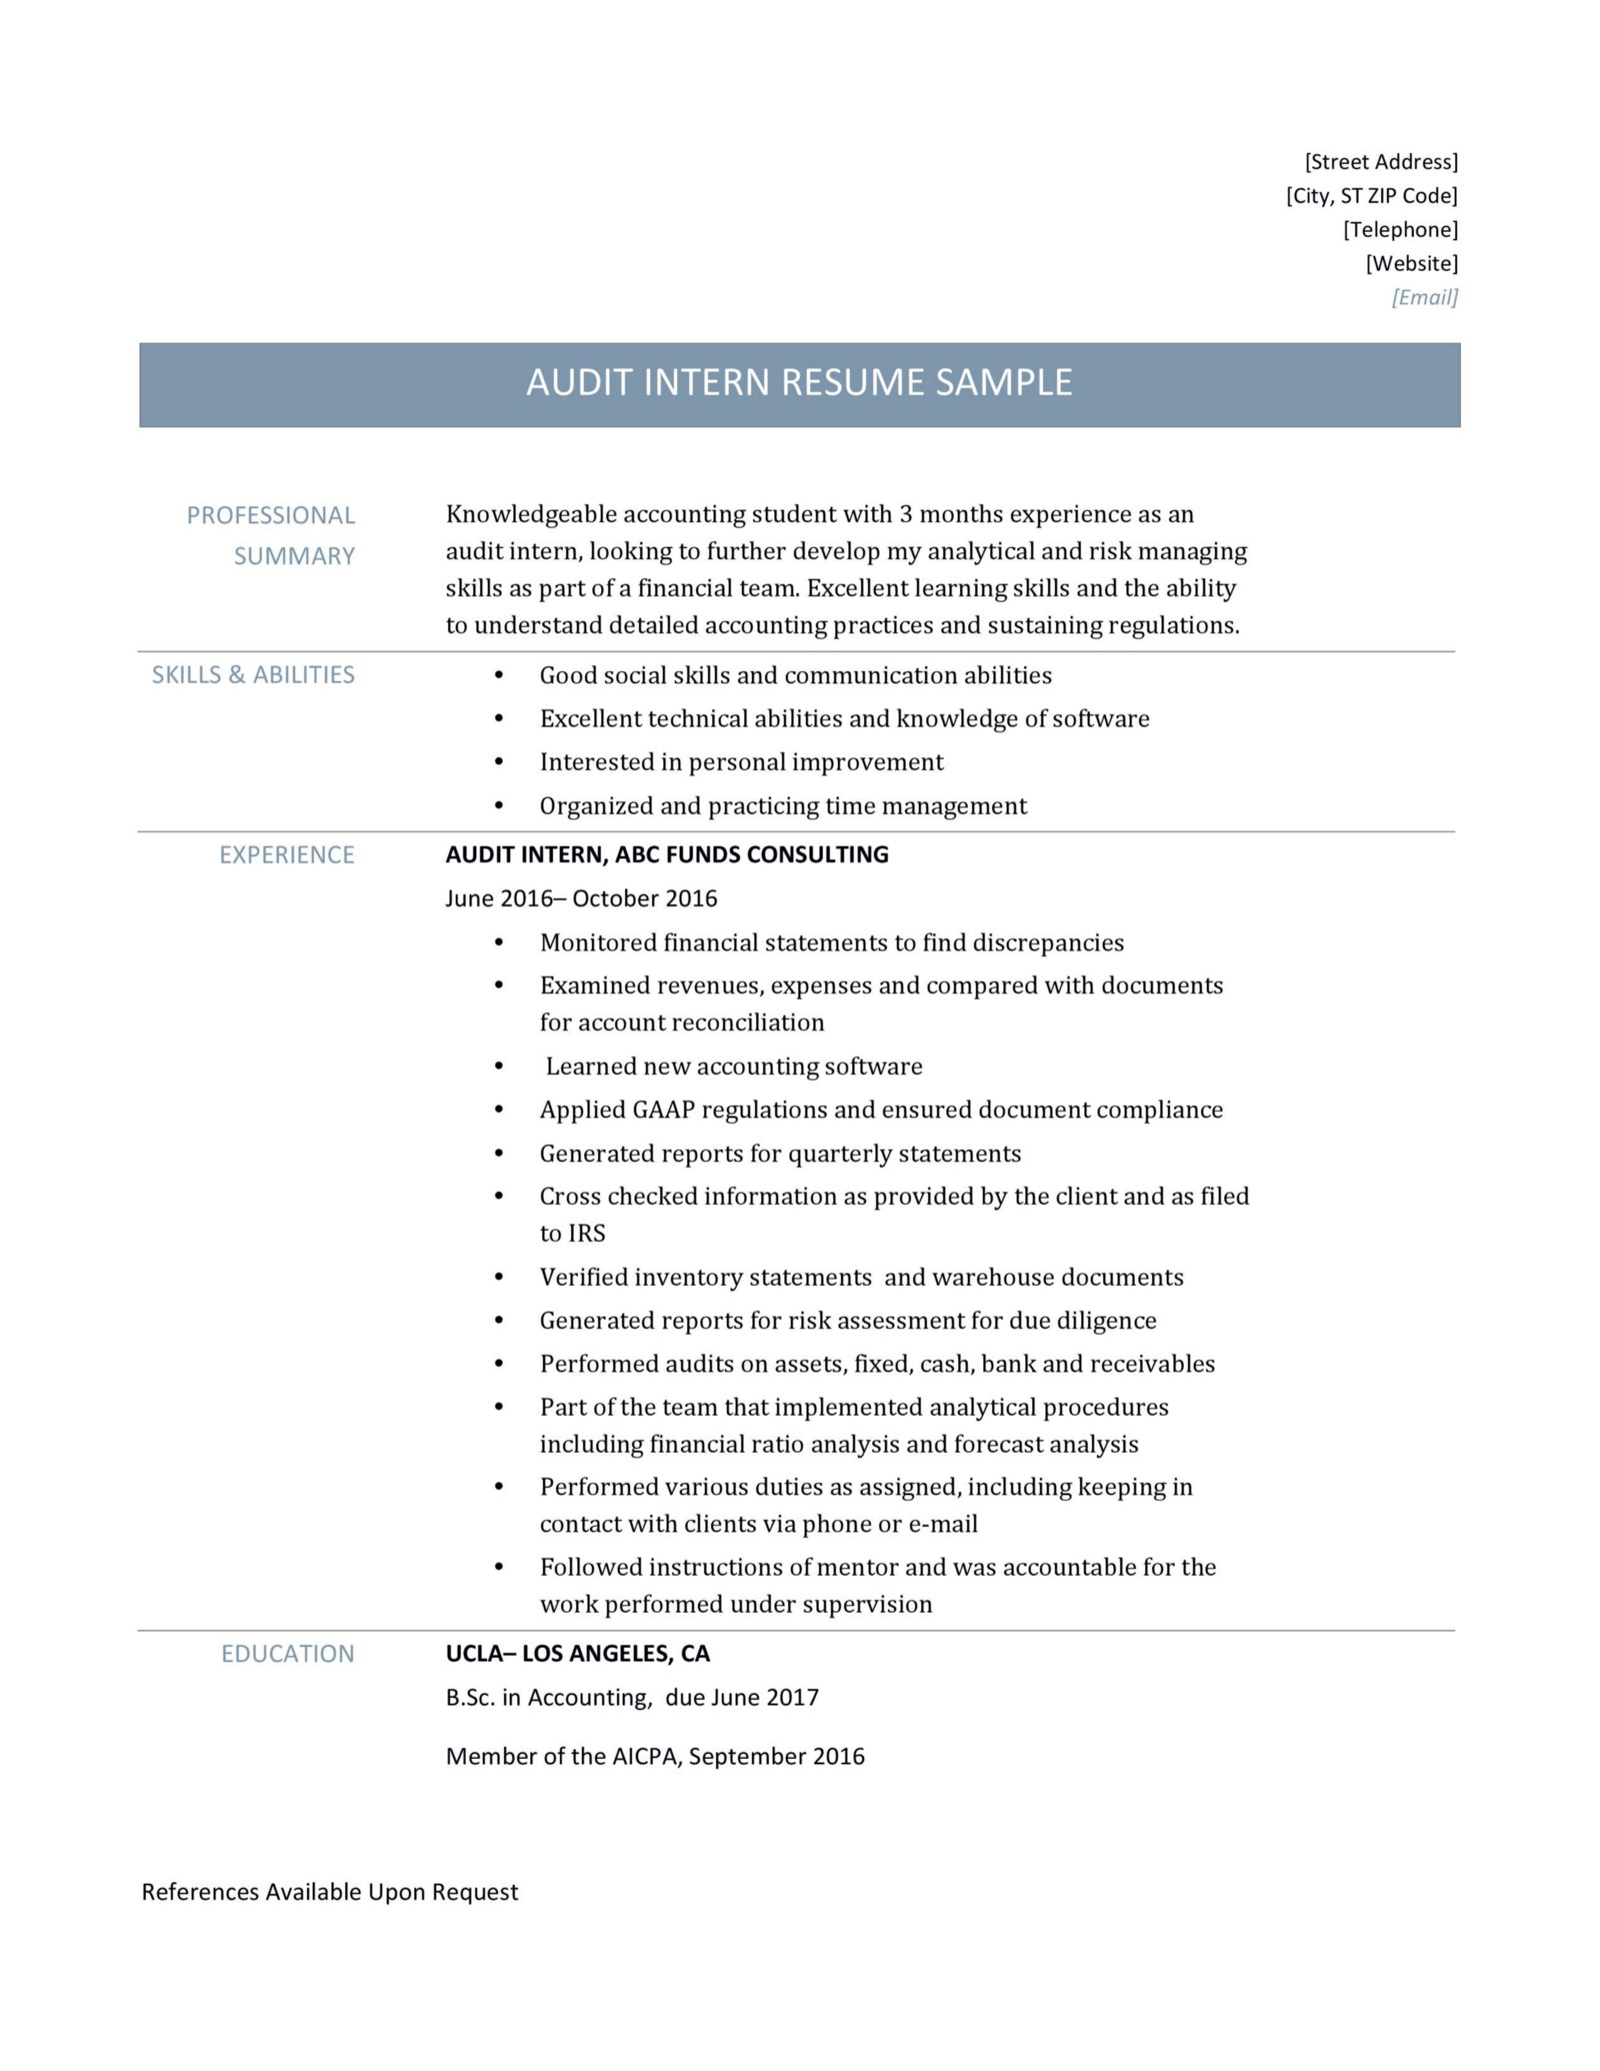 resume with internship details